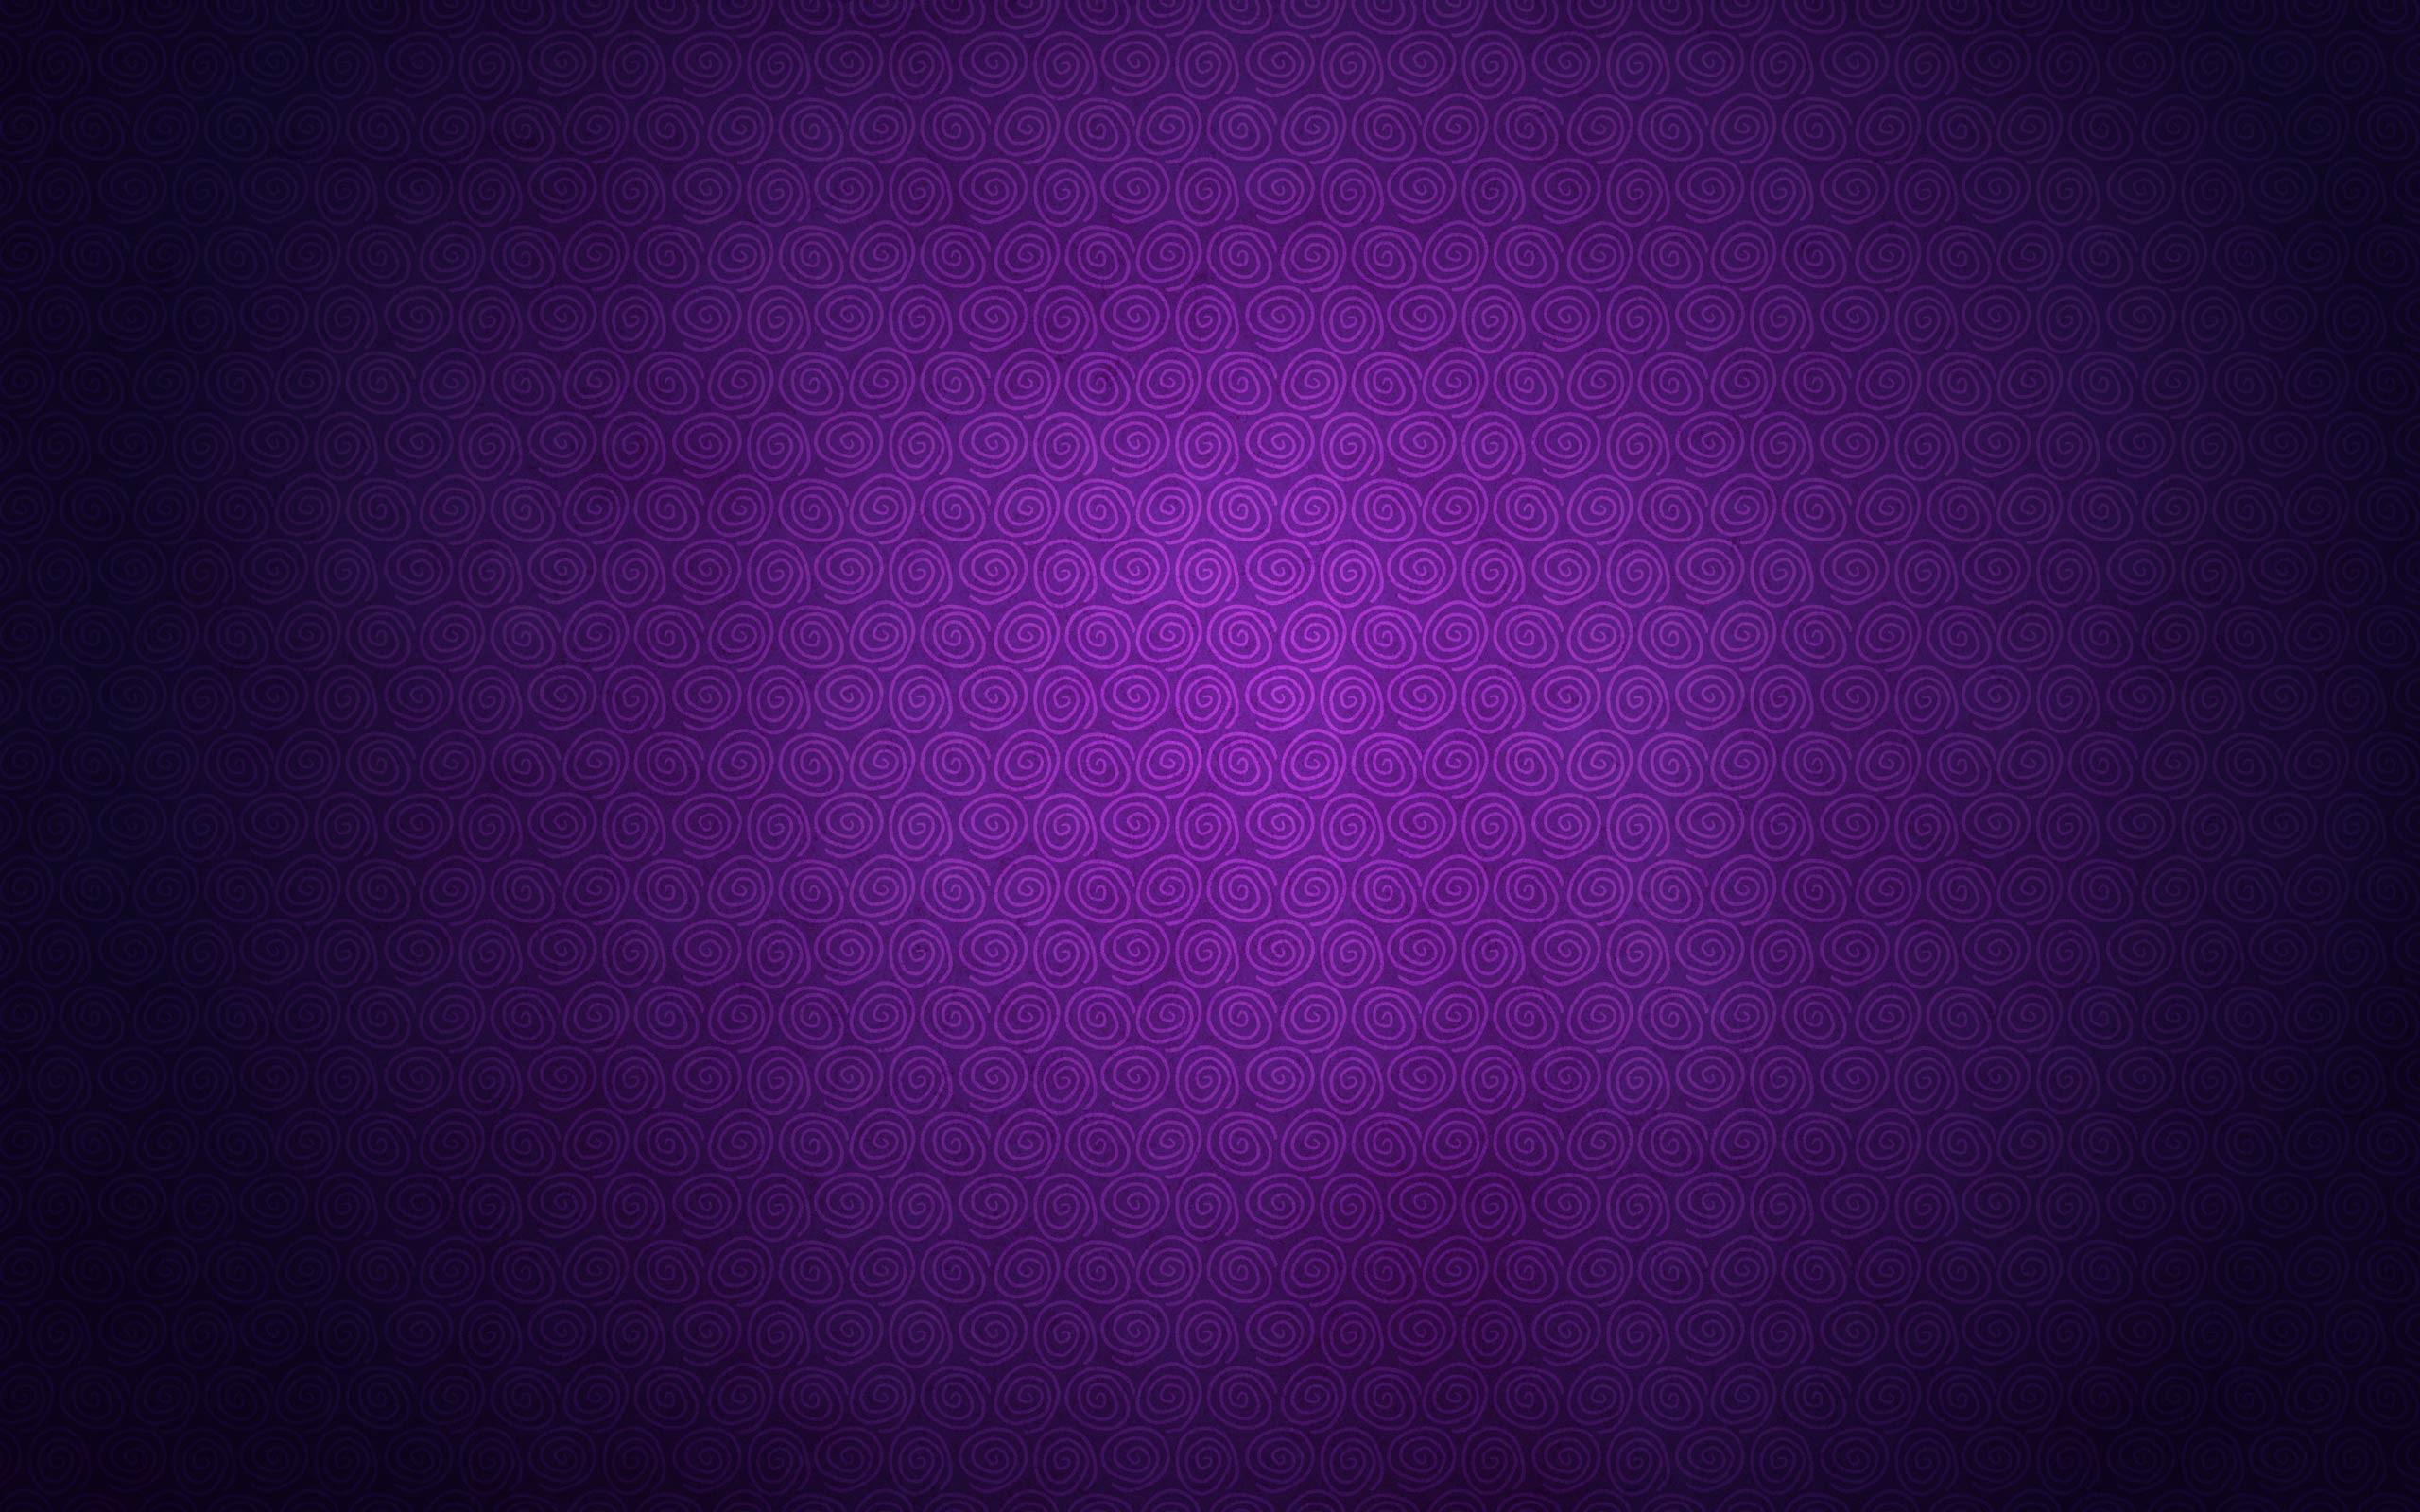 Dark Purple Background wallpaper   1076058 2560x1600